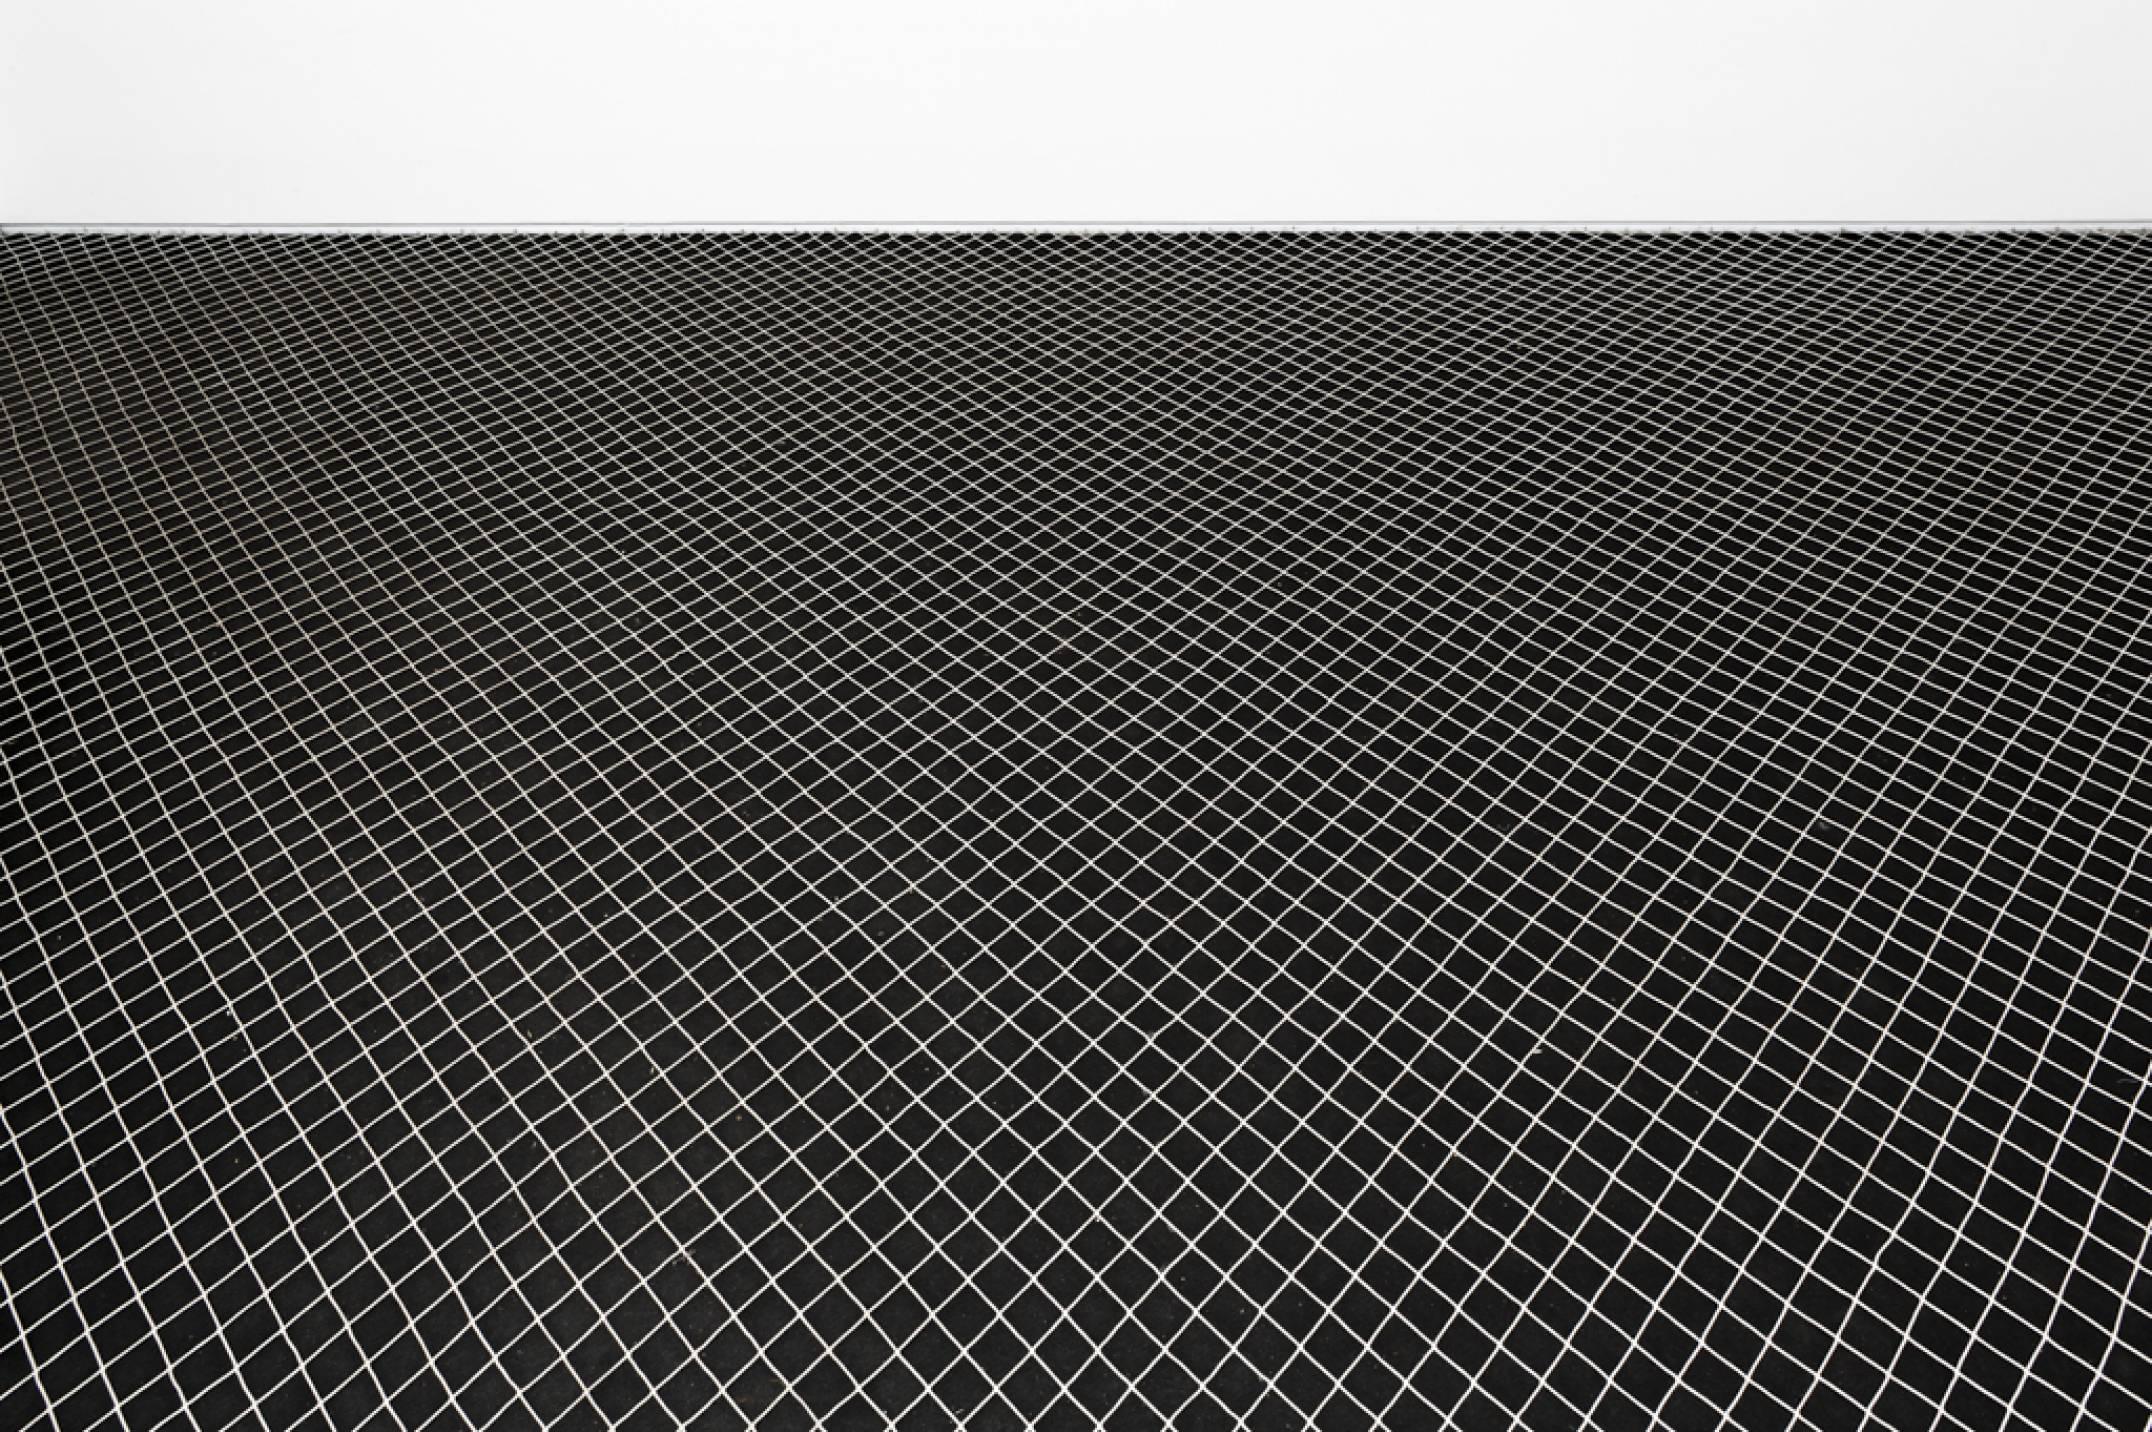 Roberto Winter, <em>Plano de obstrução vertical (em direção a mito de Sísifo Foxconn)</em>, 2013, nylon net installed on black floor, variable dimensions - Mendes Wood DM